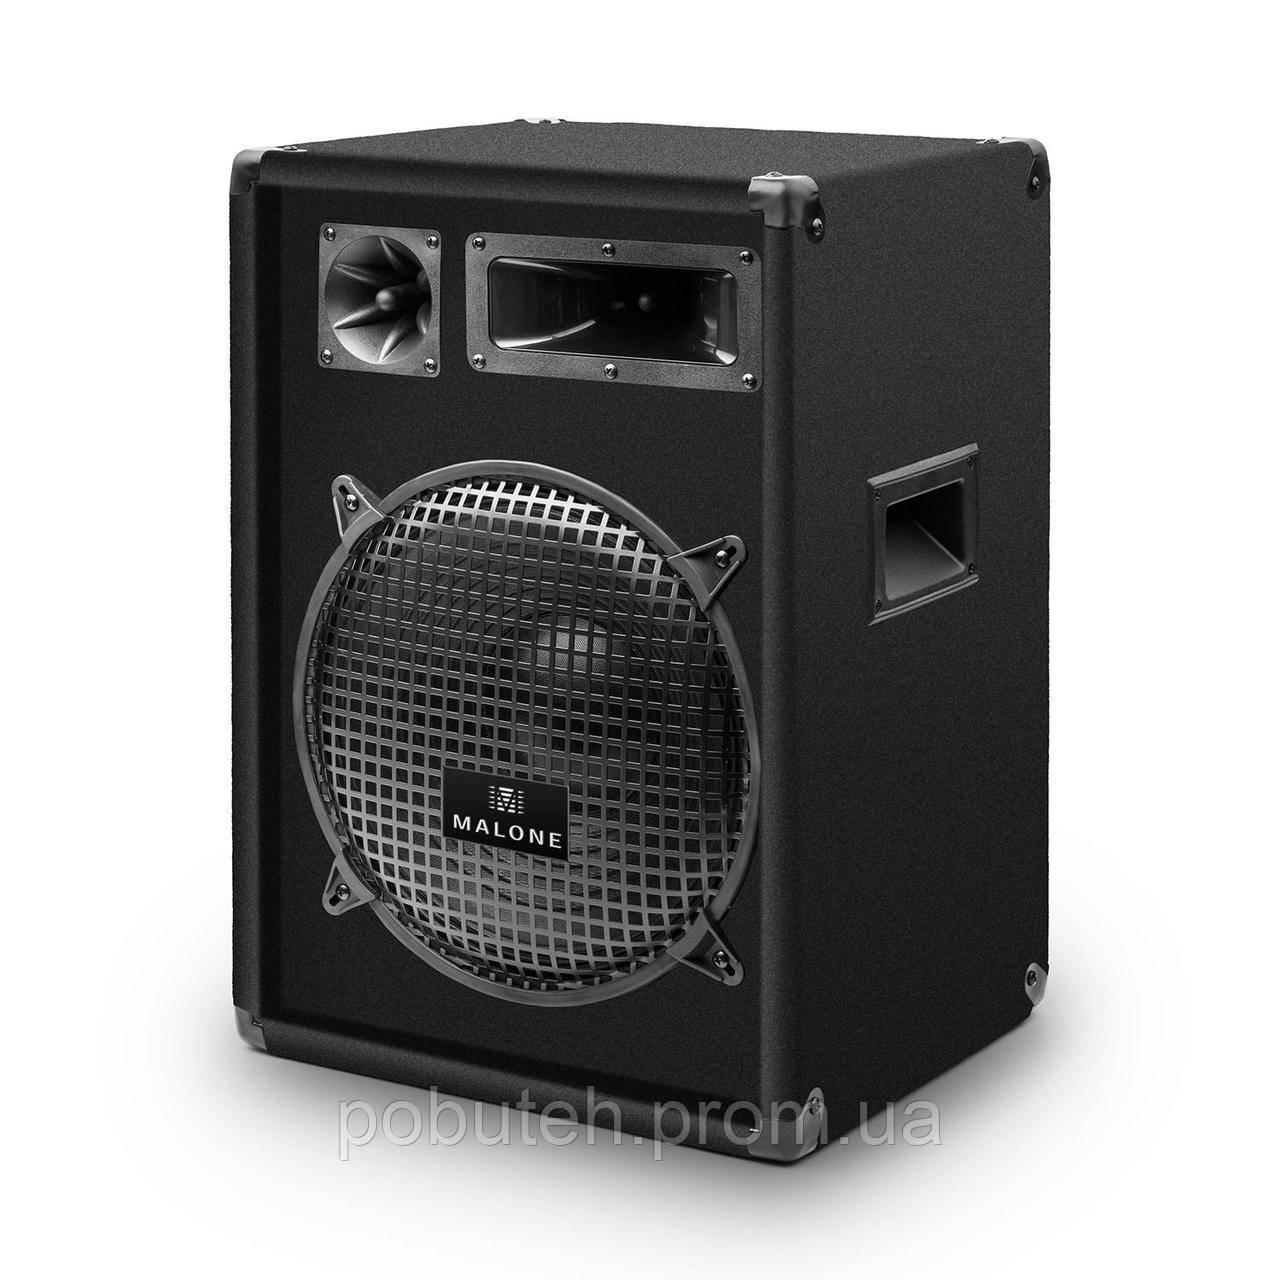 Пассивная акустическая система Malone PW-1222 PA